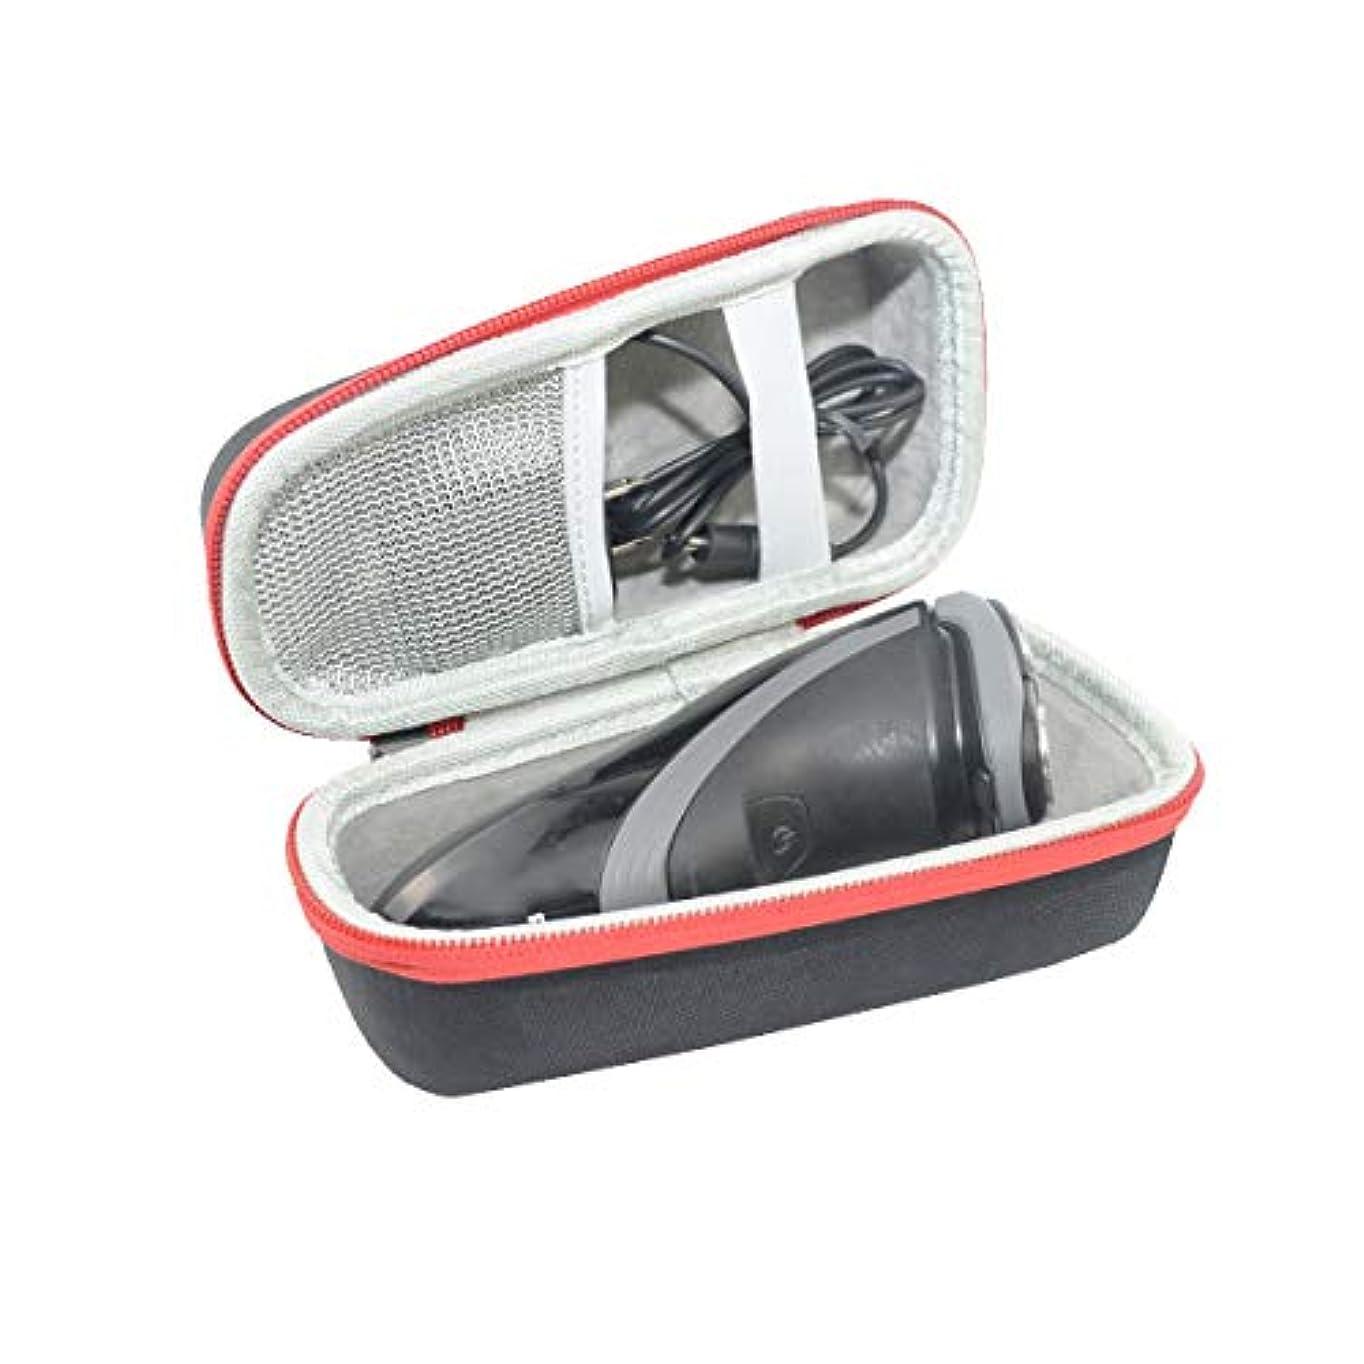 ジュラシックパークジュラシックパークキャビンフィリップス メンズシェーバー 5000シリーズ S5390/26 S5390/12 S5397/12 S5076/06 S5212/12 S5272/12 S5251/12 S5075/06 S5050/05 スーパー便利な ハードケースバッグ 専用旅行収納 対応 -SANVSEN